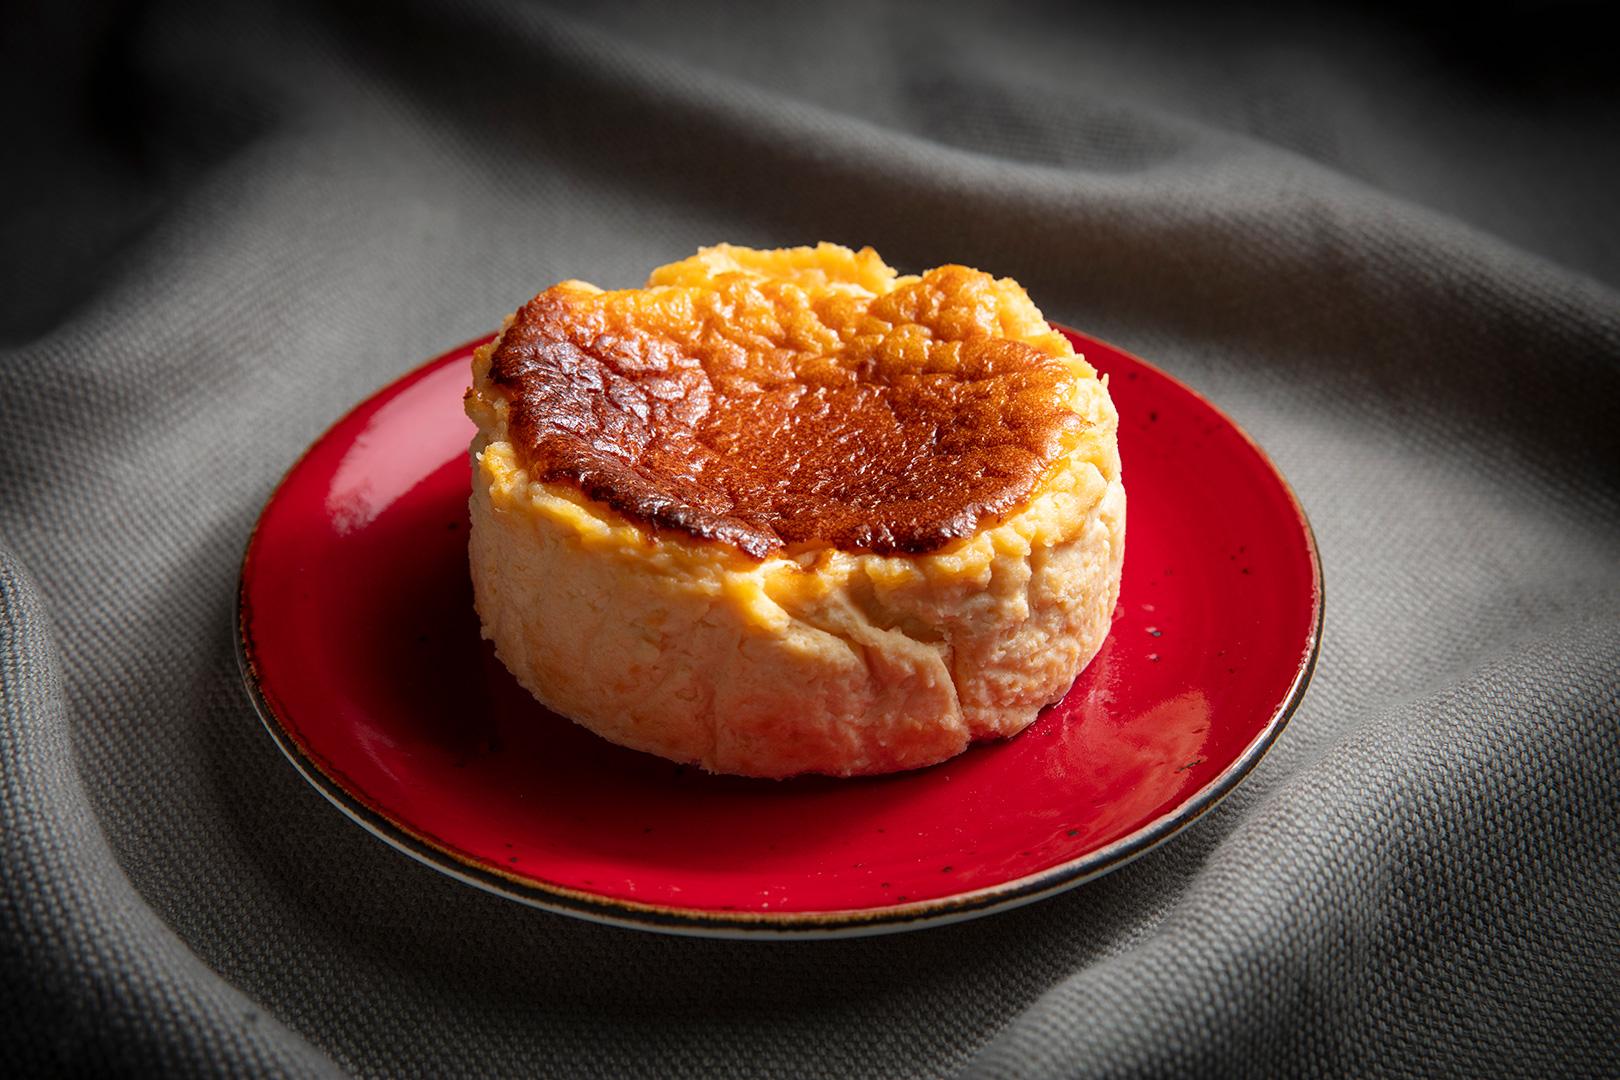 「No.1 CHEESECAKE」にスペシャルパッケージが限定登場♡ 絶品チーズケーキのおいしさに魅せられて_3